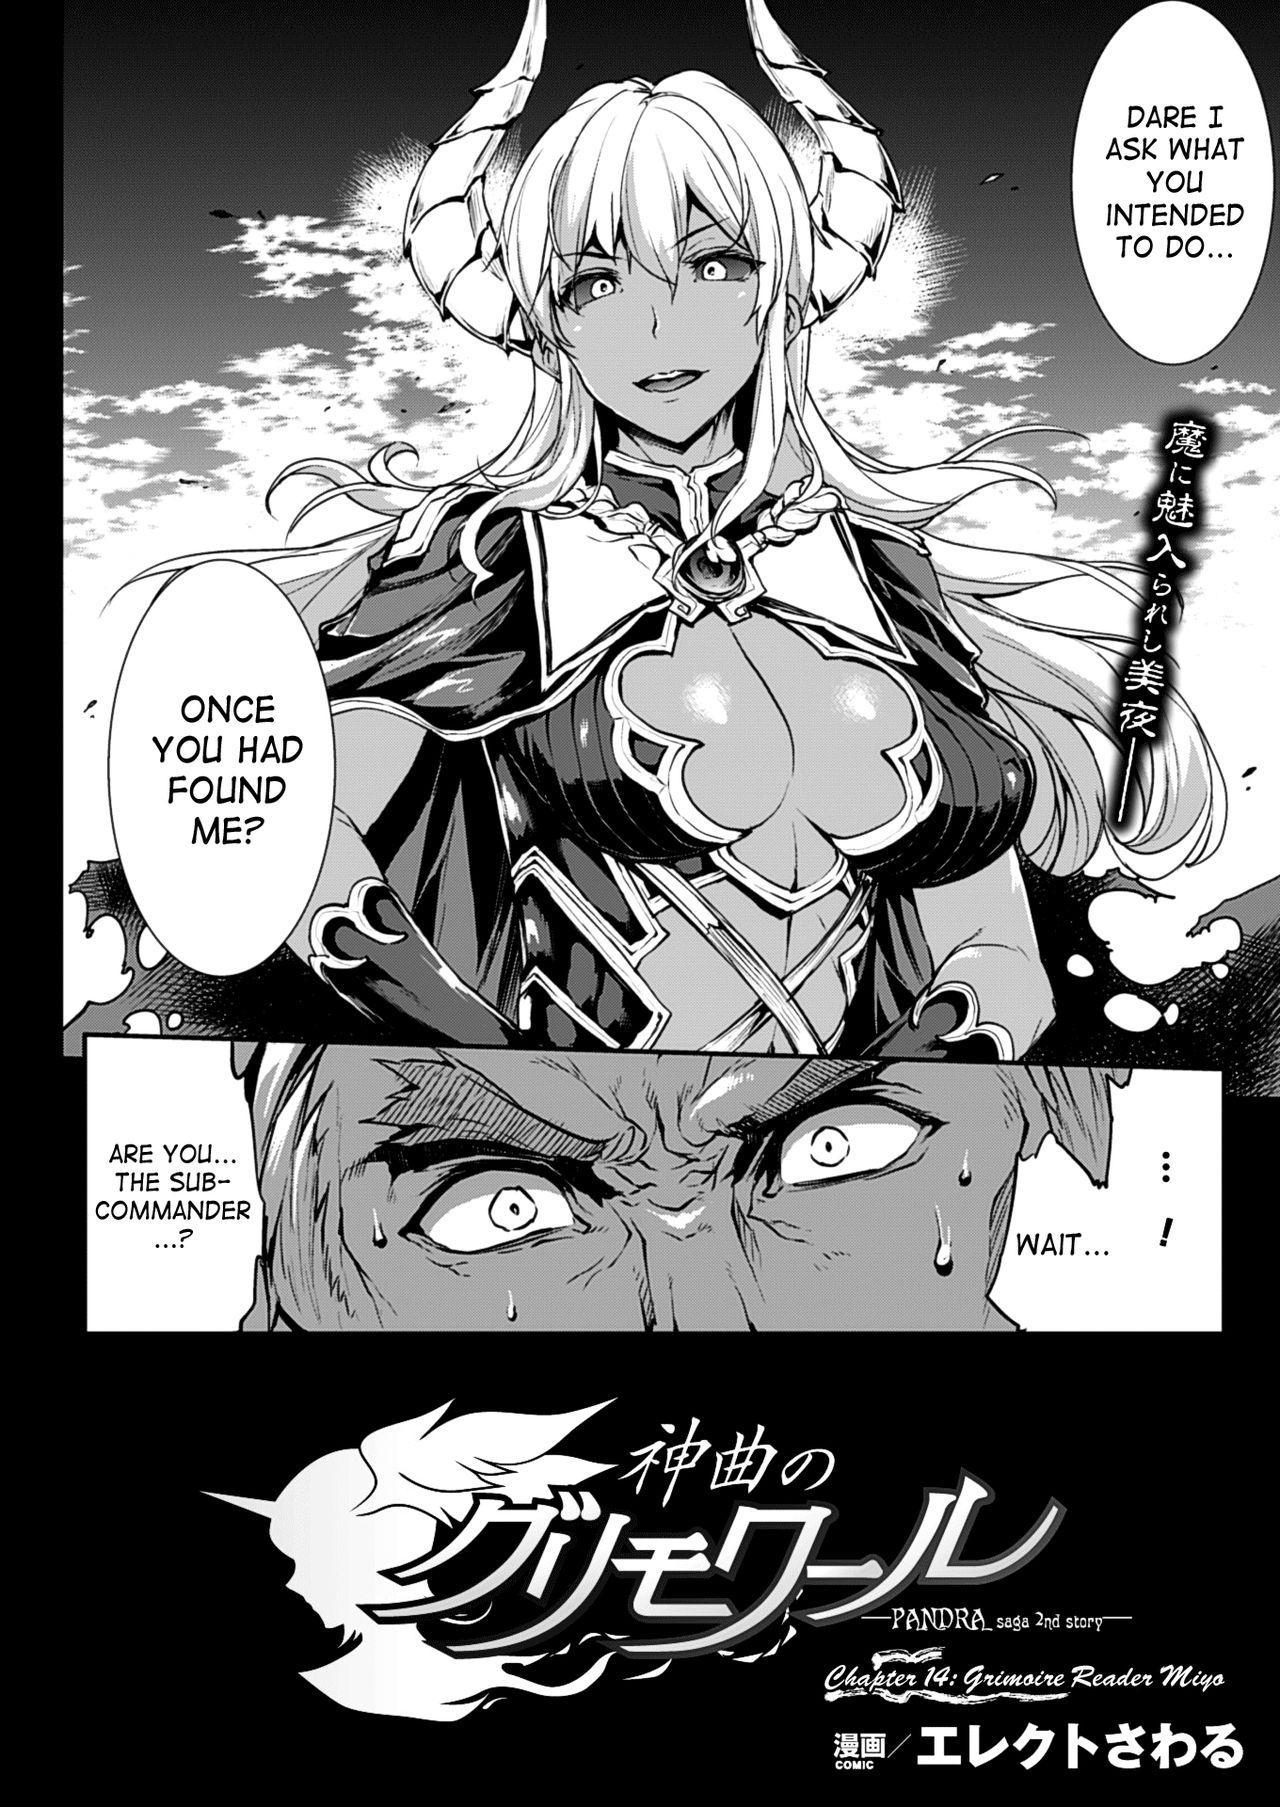 [Erect Sawaru] Shinkyoku no Grimoire -PANDRA saga 2nd story- Ch. 14 [English]  [Incomplete] 0